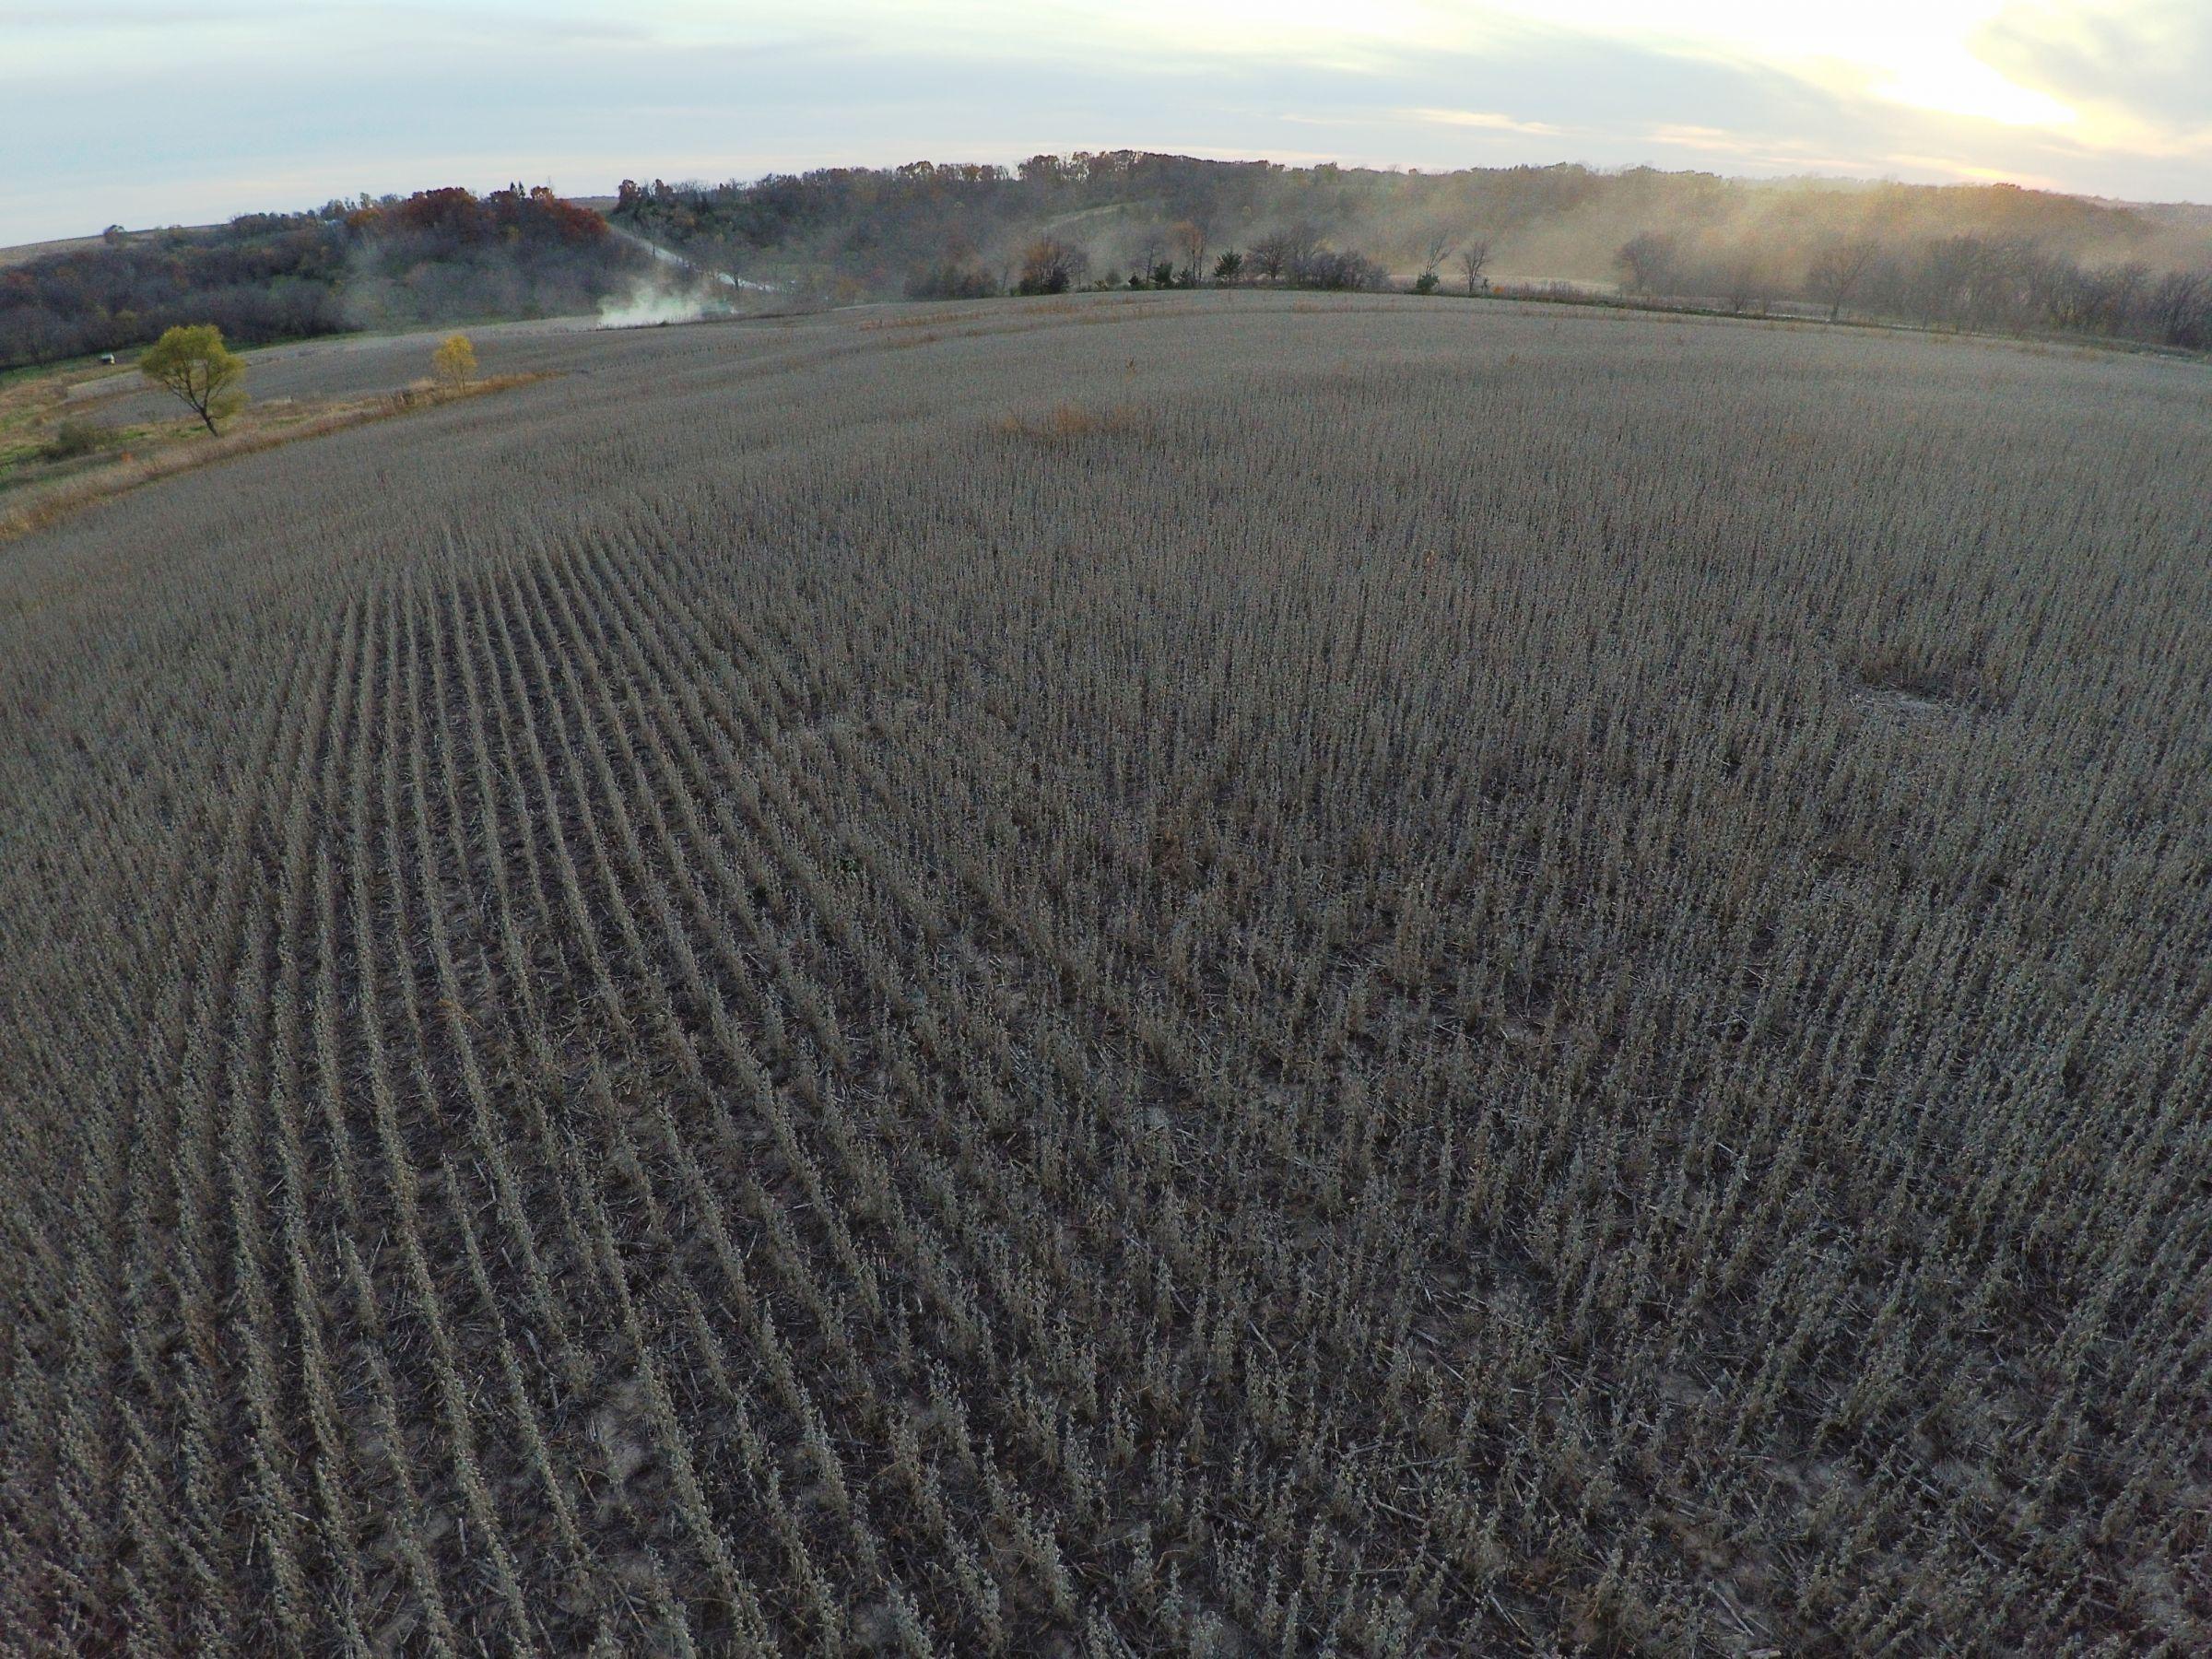 Peoples Company Iowa Farmland for Sale_Warren County Iowa_17356 G58 Hwy Milo, IA 50166